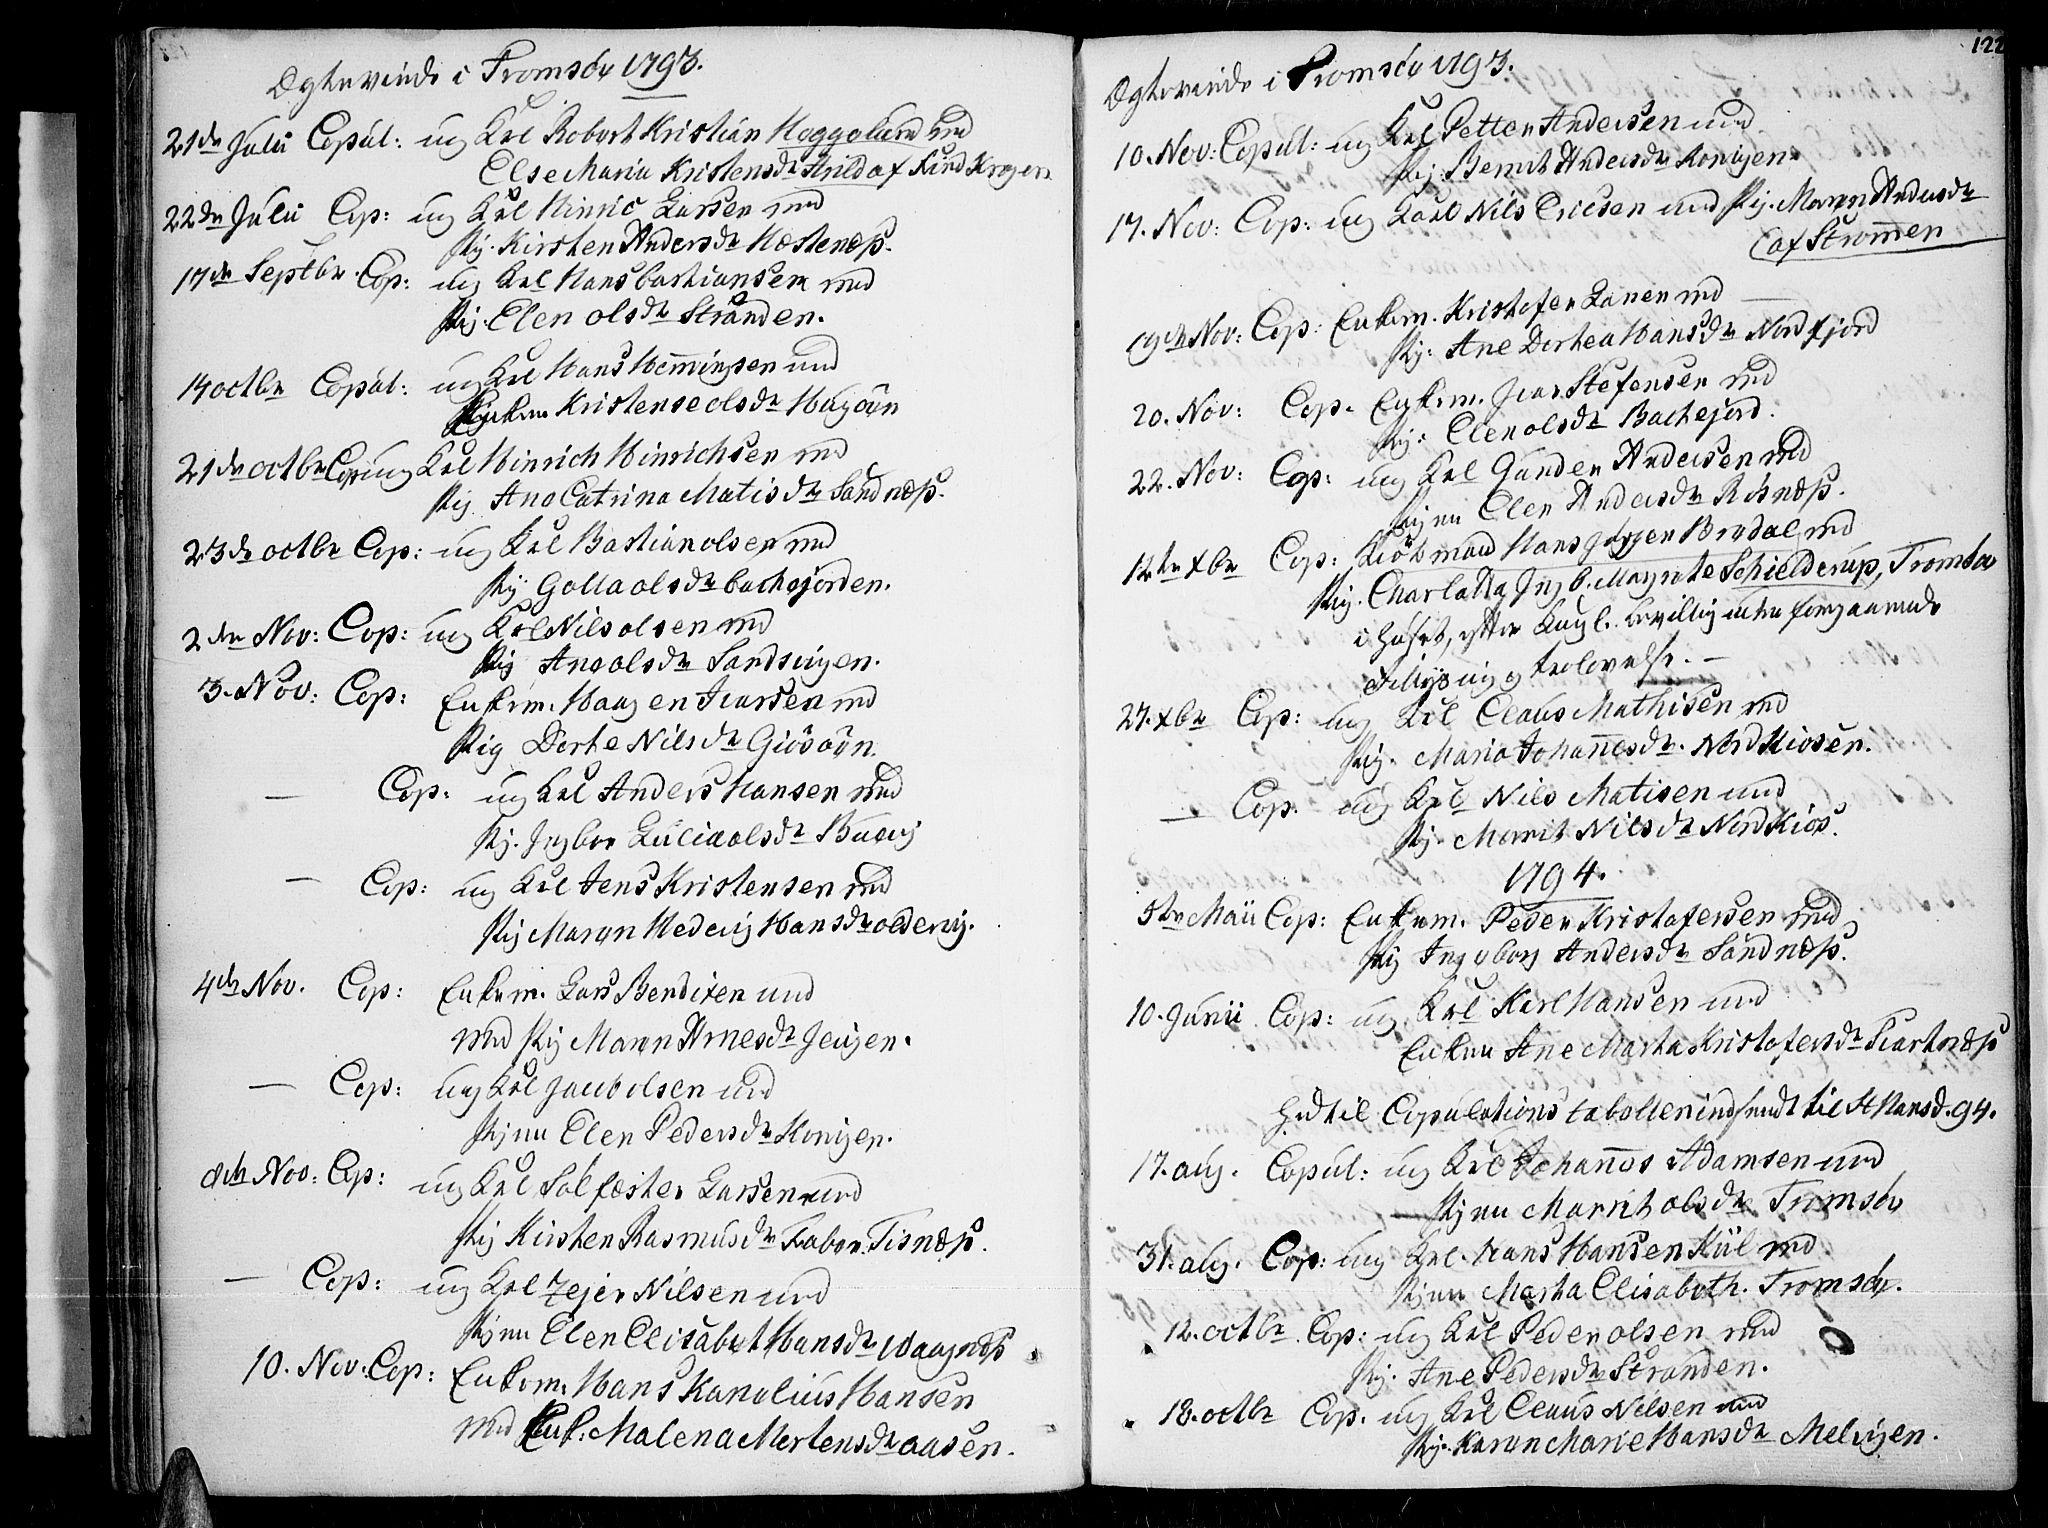 SATØ, Tromsø sokneprestkontor/stiftsprosti/domprosti, G/Ga/L0003kirke: Ministerialbok nr. 3, 1779-1796, s. 122